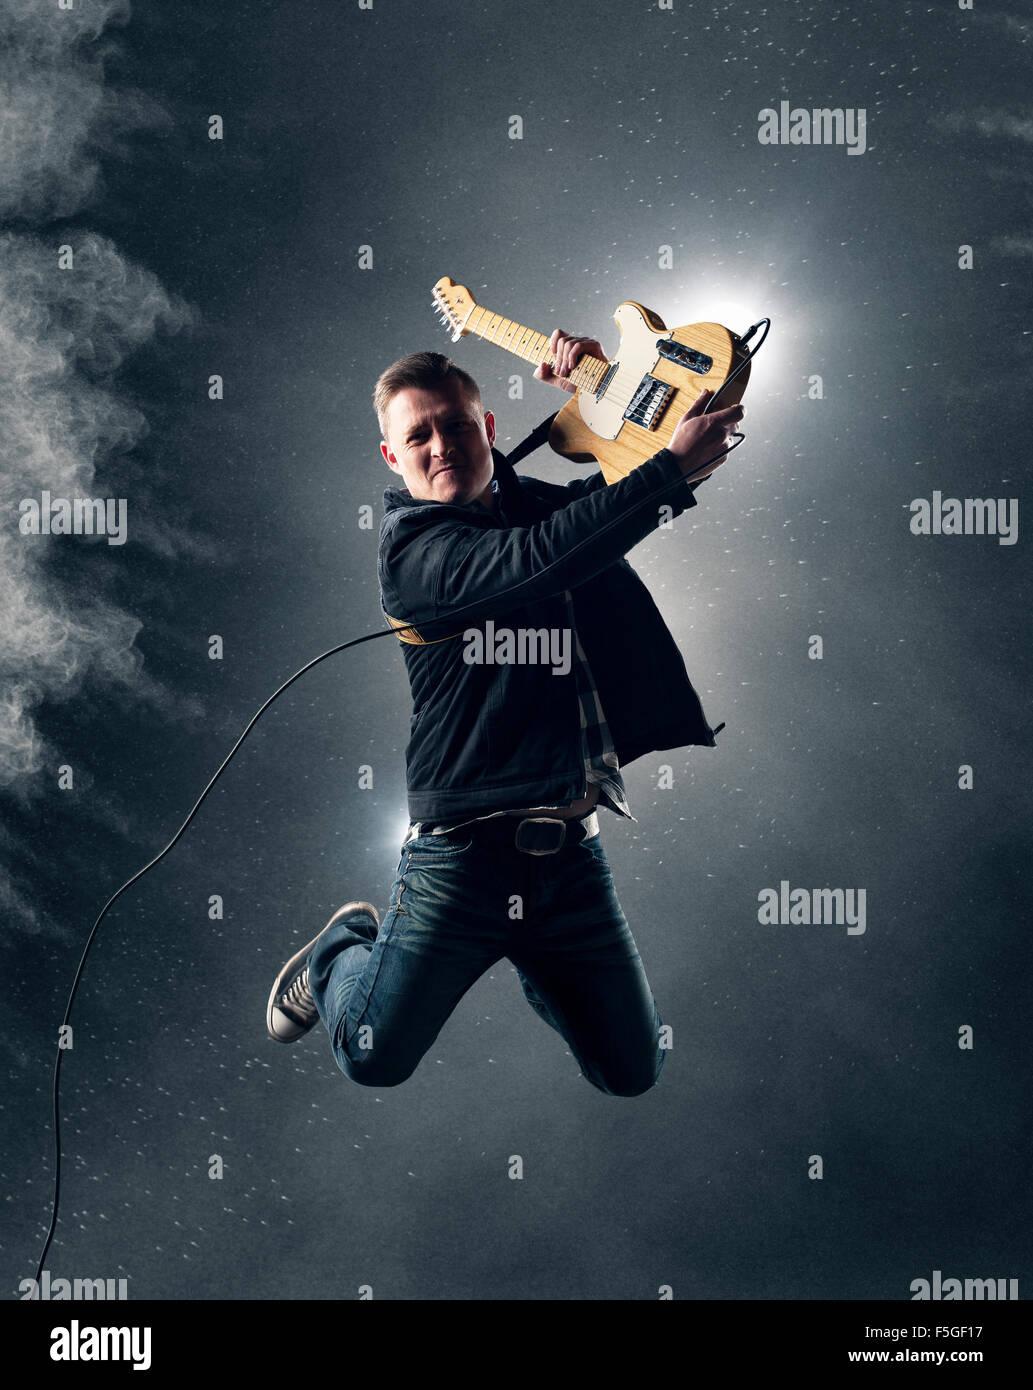 El guitarrista de rock and roll saltar con guitarra eléctrica con humo y polvo en segundo plano. Imagen De Stock